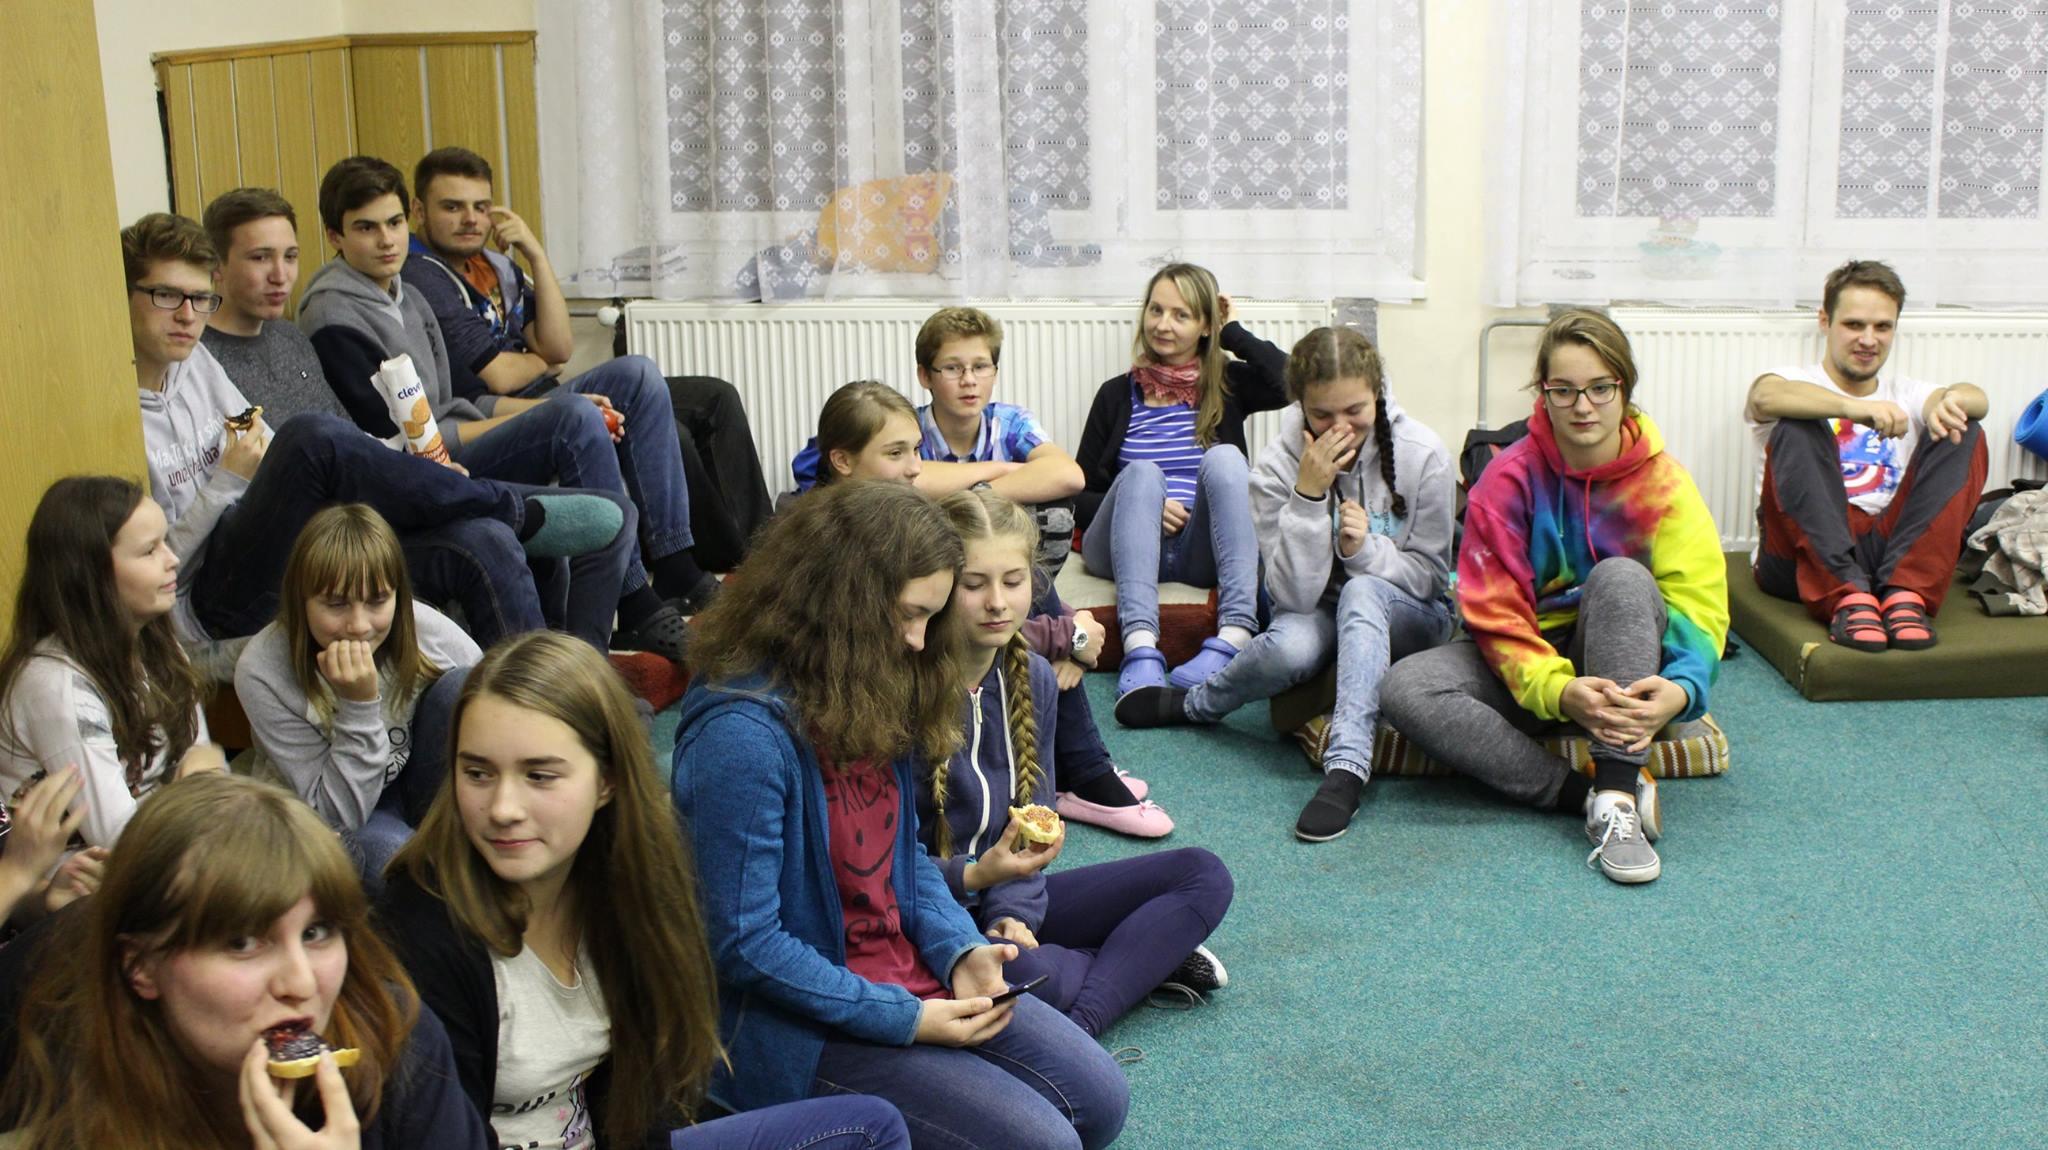 Wochenende mit einer Jugendgruppe